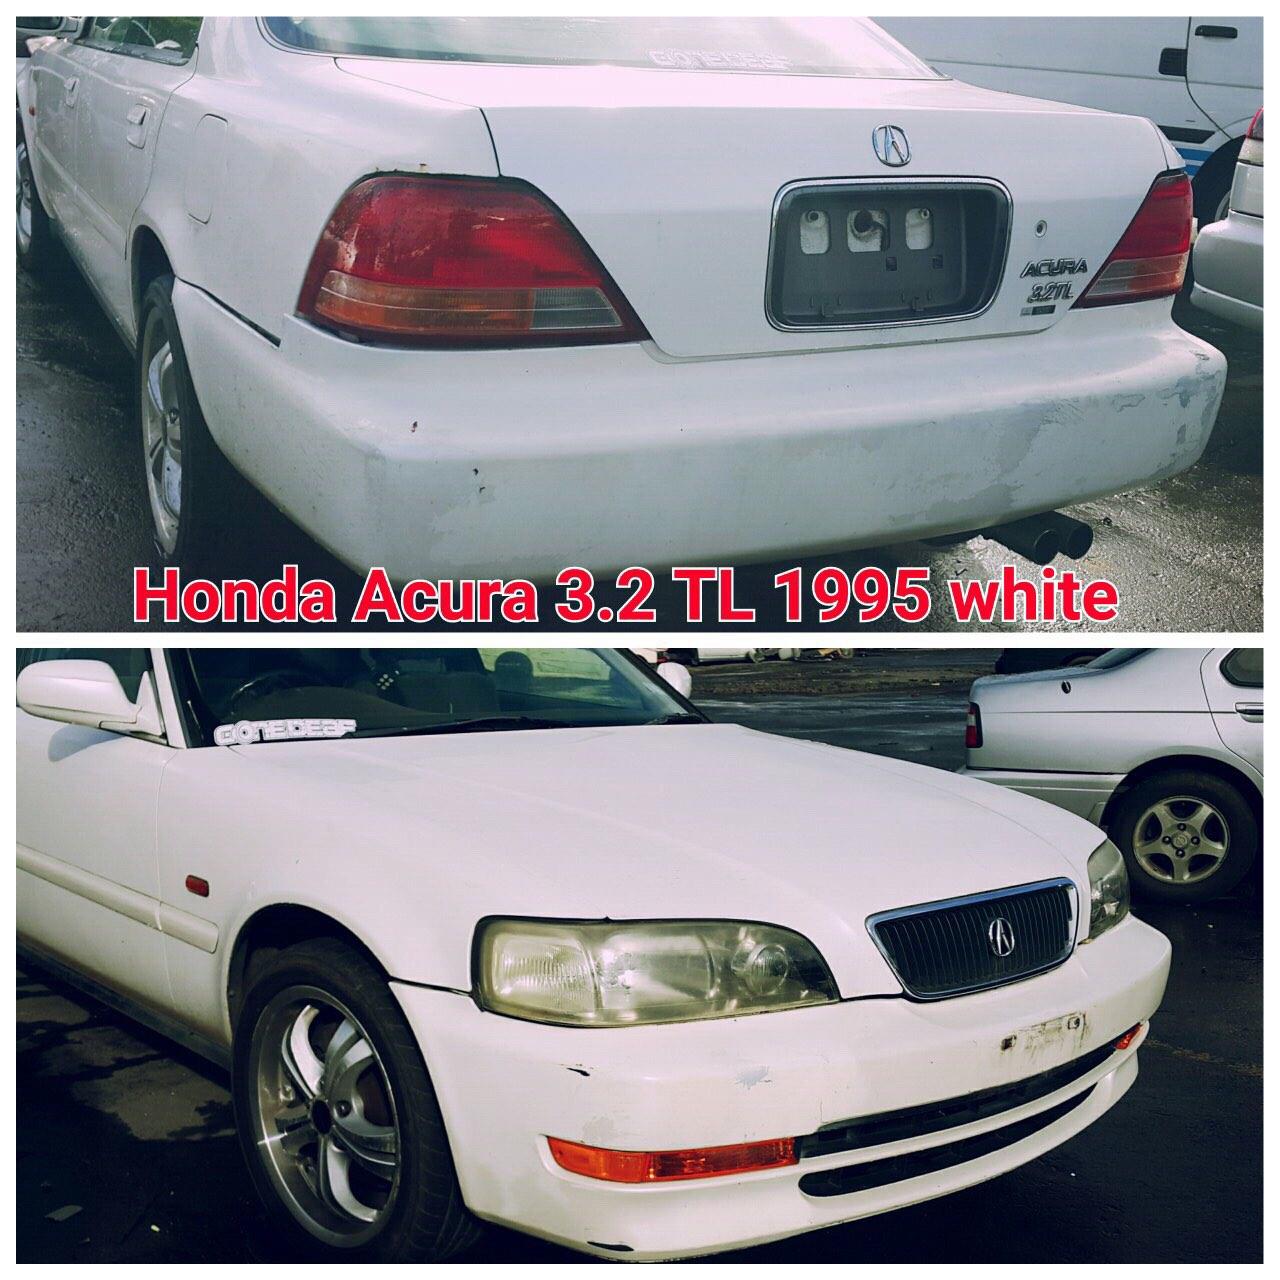 Honda Acura 3.2 TL 1995 white